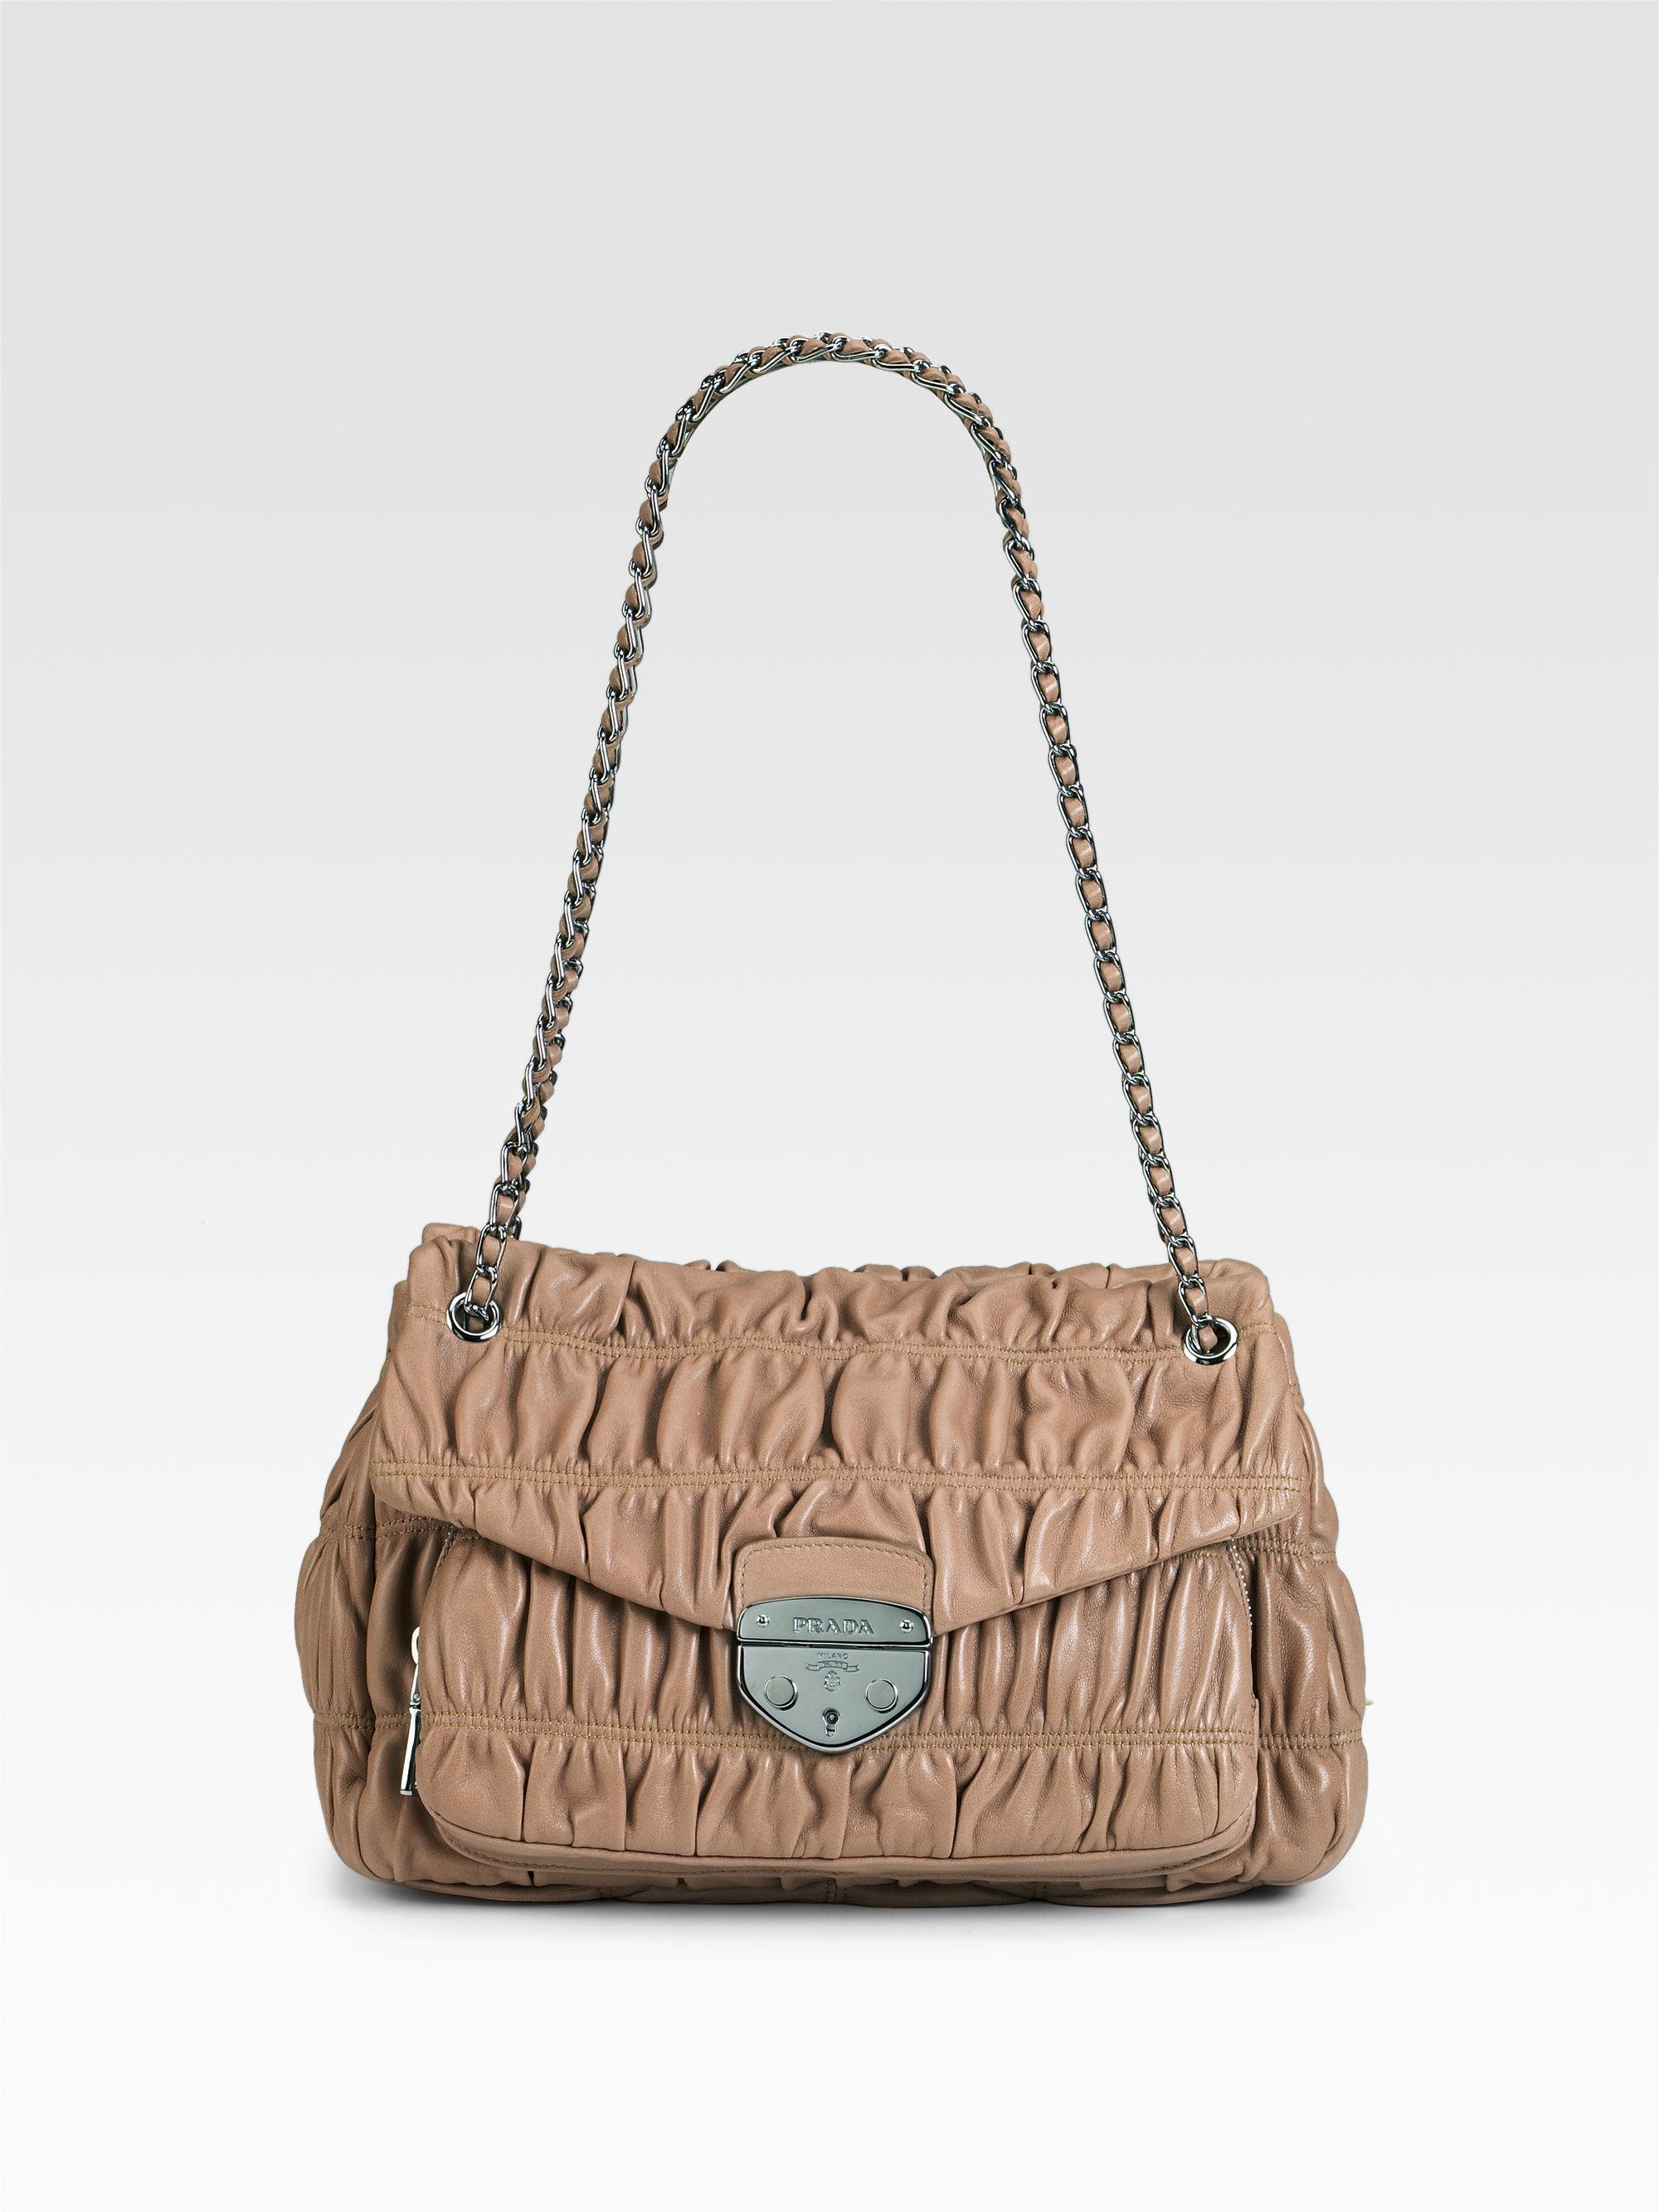 Prada Nappa Gaufre Shoulder Bag in Beige (black) | Lyst